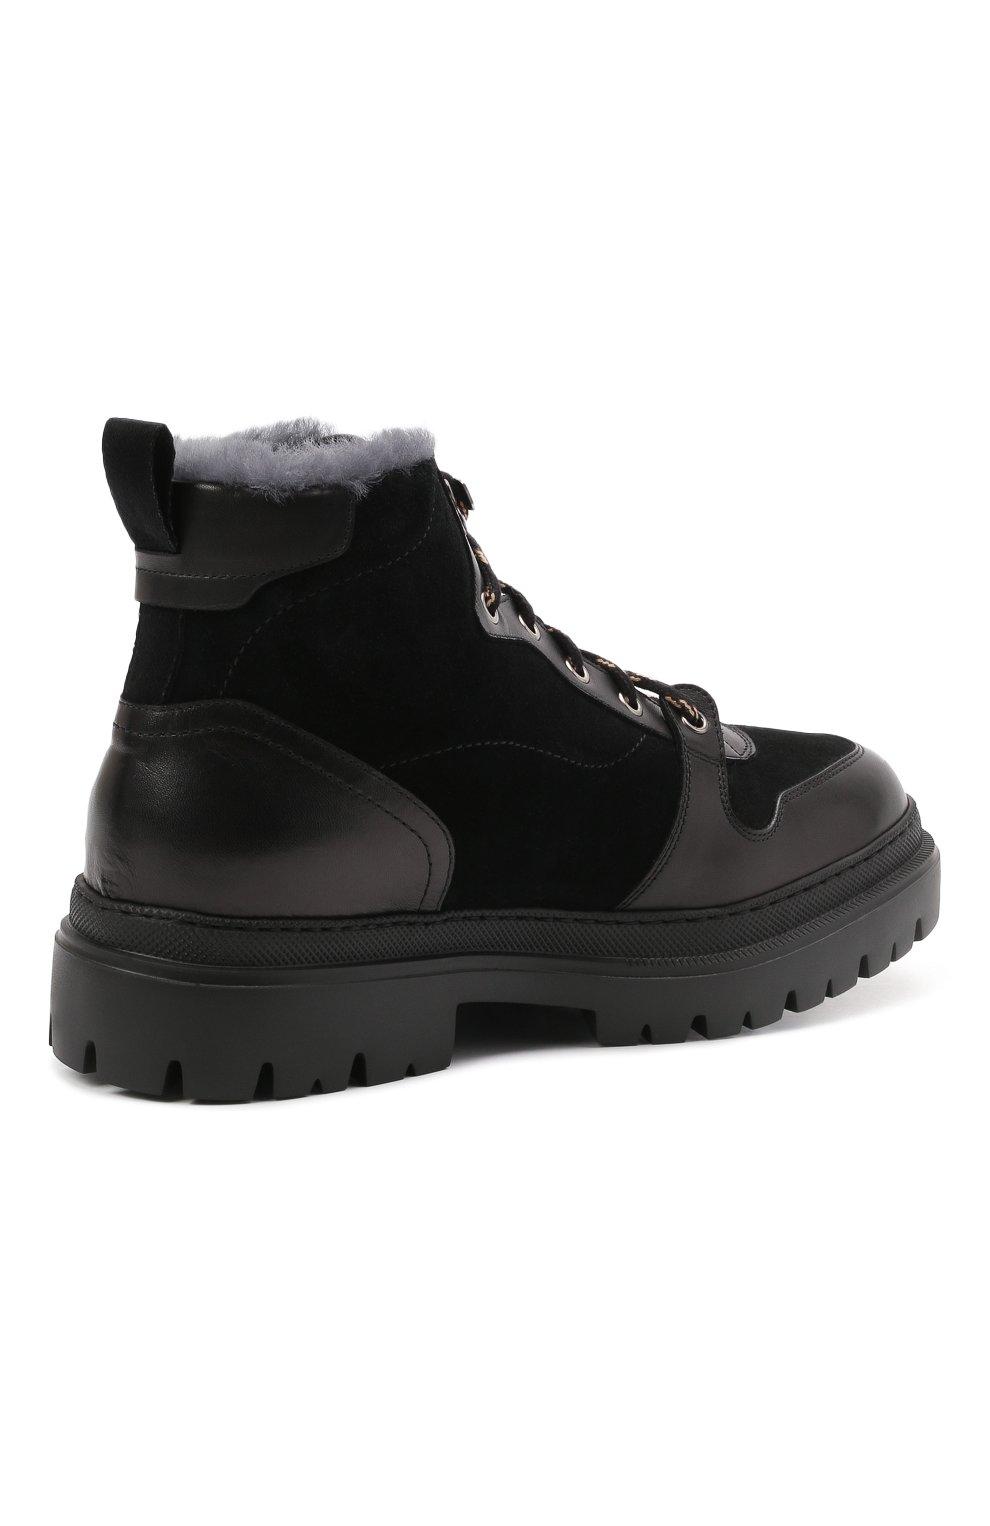 Мужские комбинированные ботинки H`D`S`N BARACCO черного цвета, арт. 81530.VMN.0* | Фото 4 (Материал утеплителя: Натуральный мех; Мужское Кросс-КТ: Хайкеры-обувь, Ботинки-обувь, зимние ботинки; Подошва: Массивная)